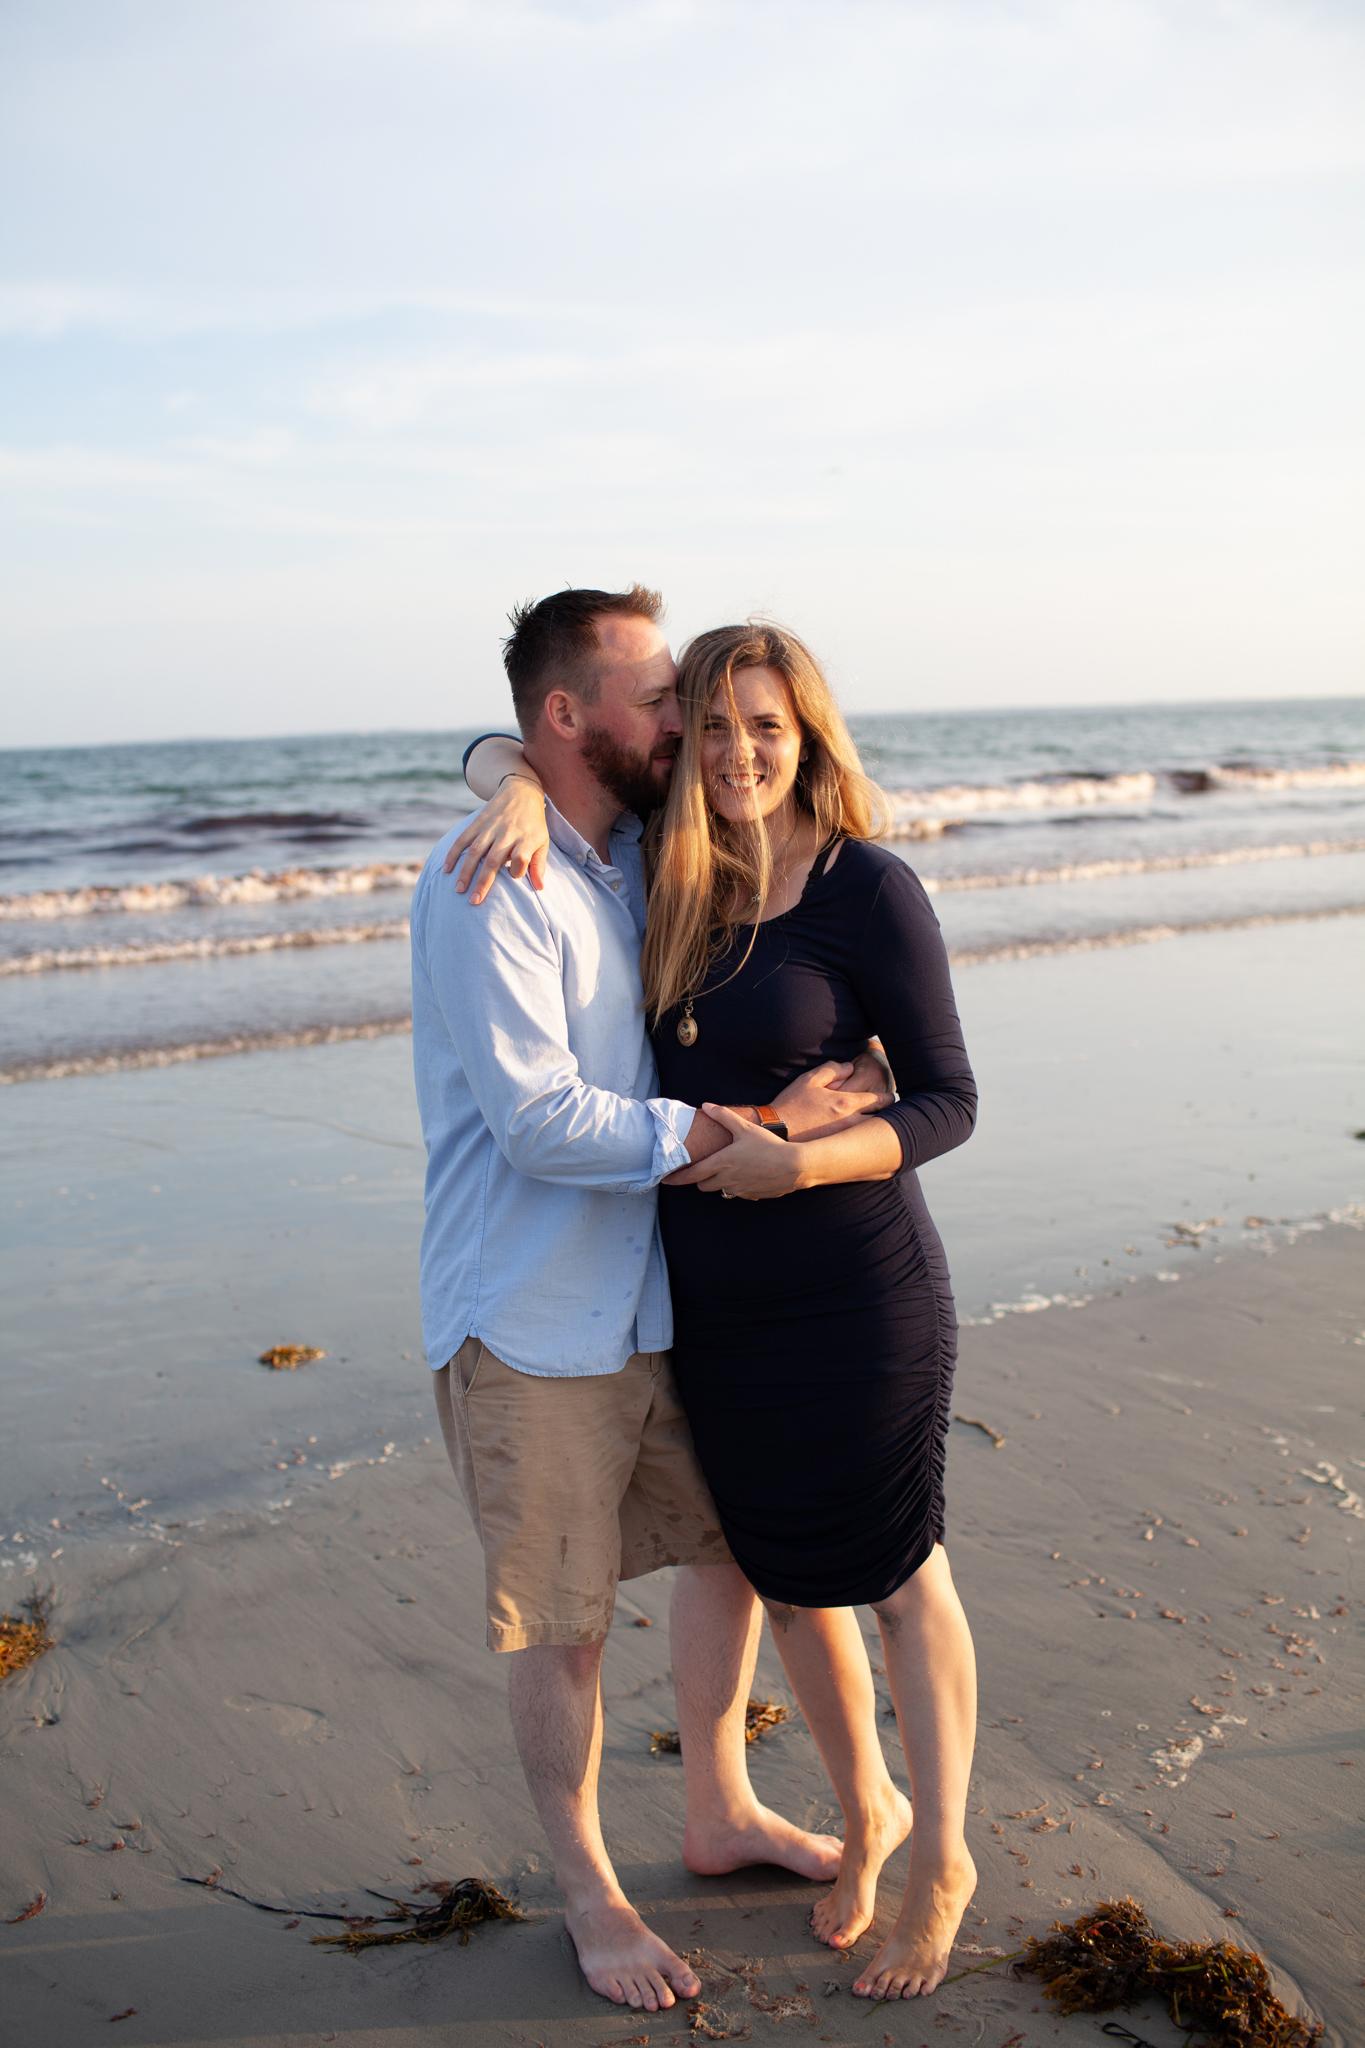 maine-family-photography-pine-point- beach-73.jpg